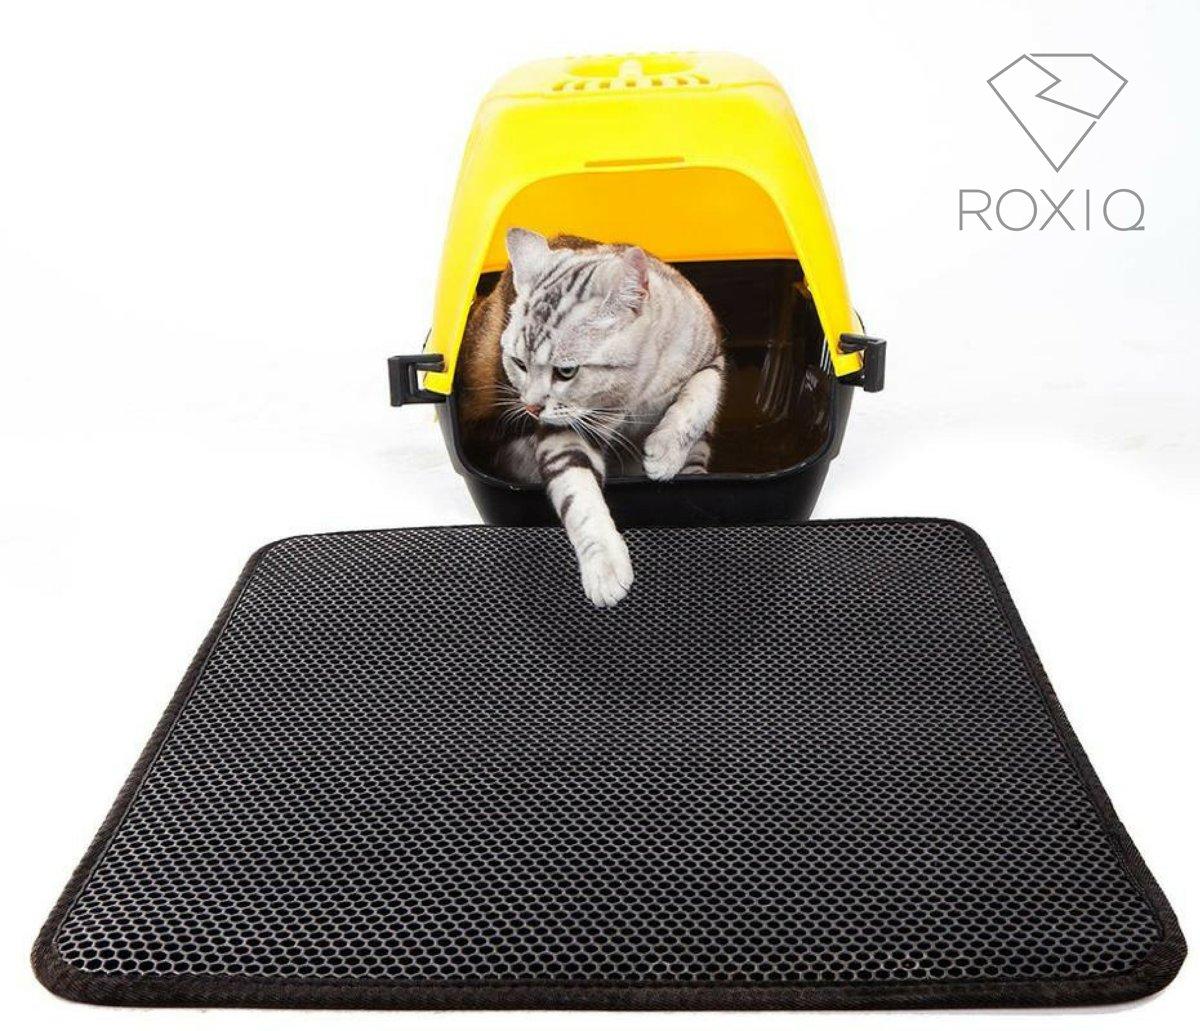 Handige Kattenbak Mat - Grit Opvanger - Dubbellaags & Waterdichte mat voor Katten - Katten Mat met Filter voor Grit - Kattenbak Mat voor Kattenbak - Katten matje - Kataccesoires - Katten accesoires - Kat benodigdheden - Kitten - Gritmatje voor poes kopen